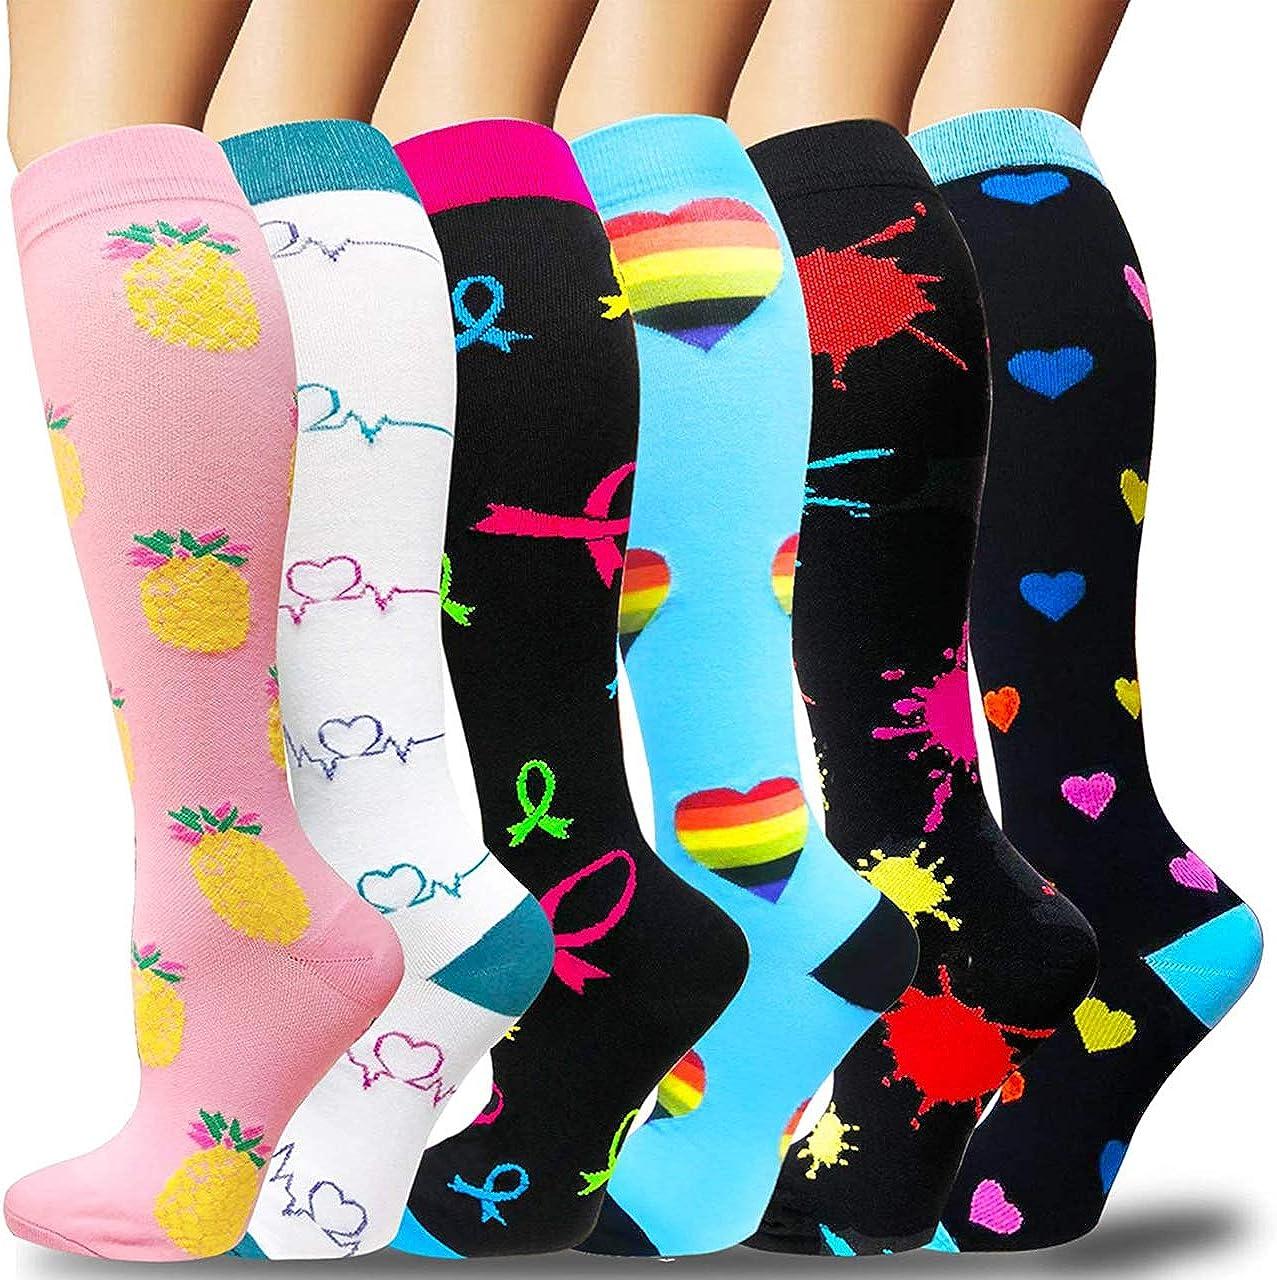 Sooverki Calcetines de compresión para Mujeres y Hombres 20-25 mmHg es el Mejor Graduado atlético, Correr, Volar, Viajar, Enfermeras.